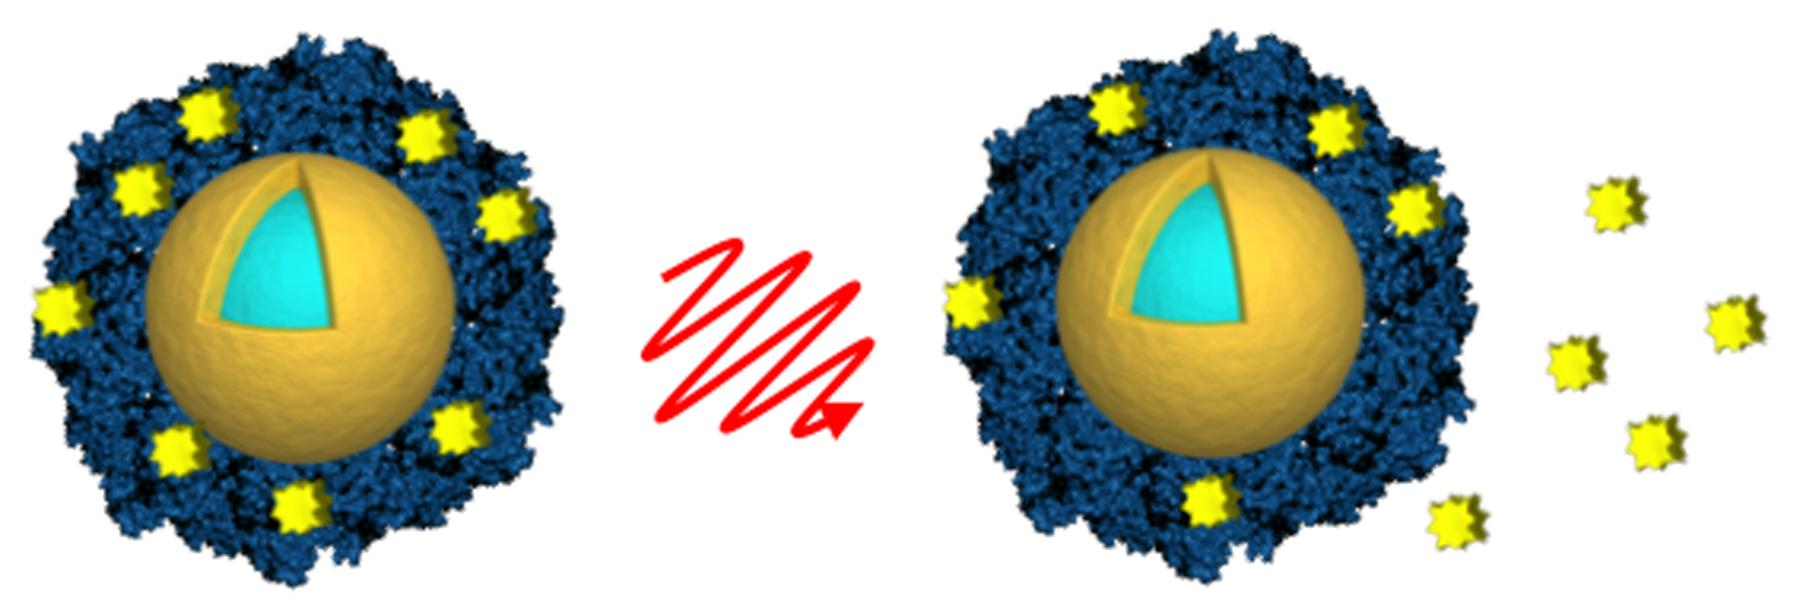 nanoshells